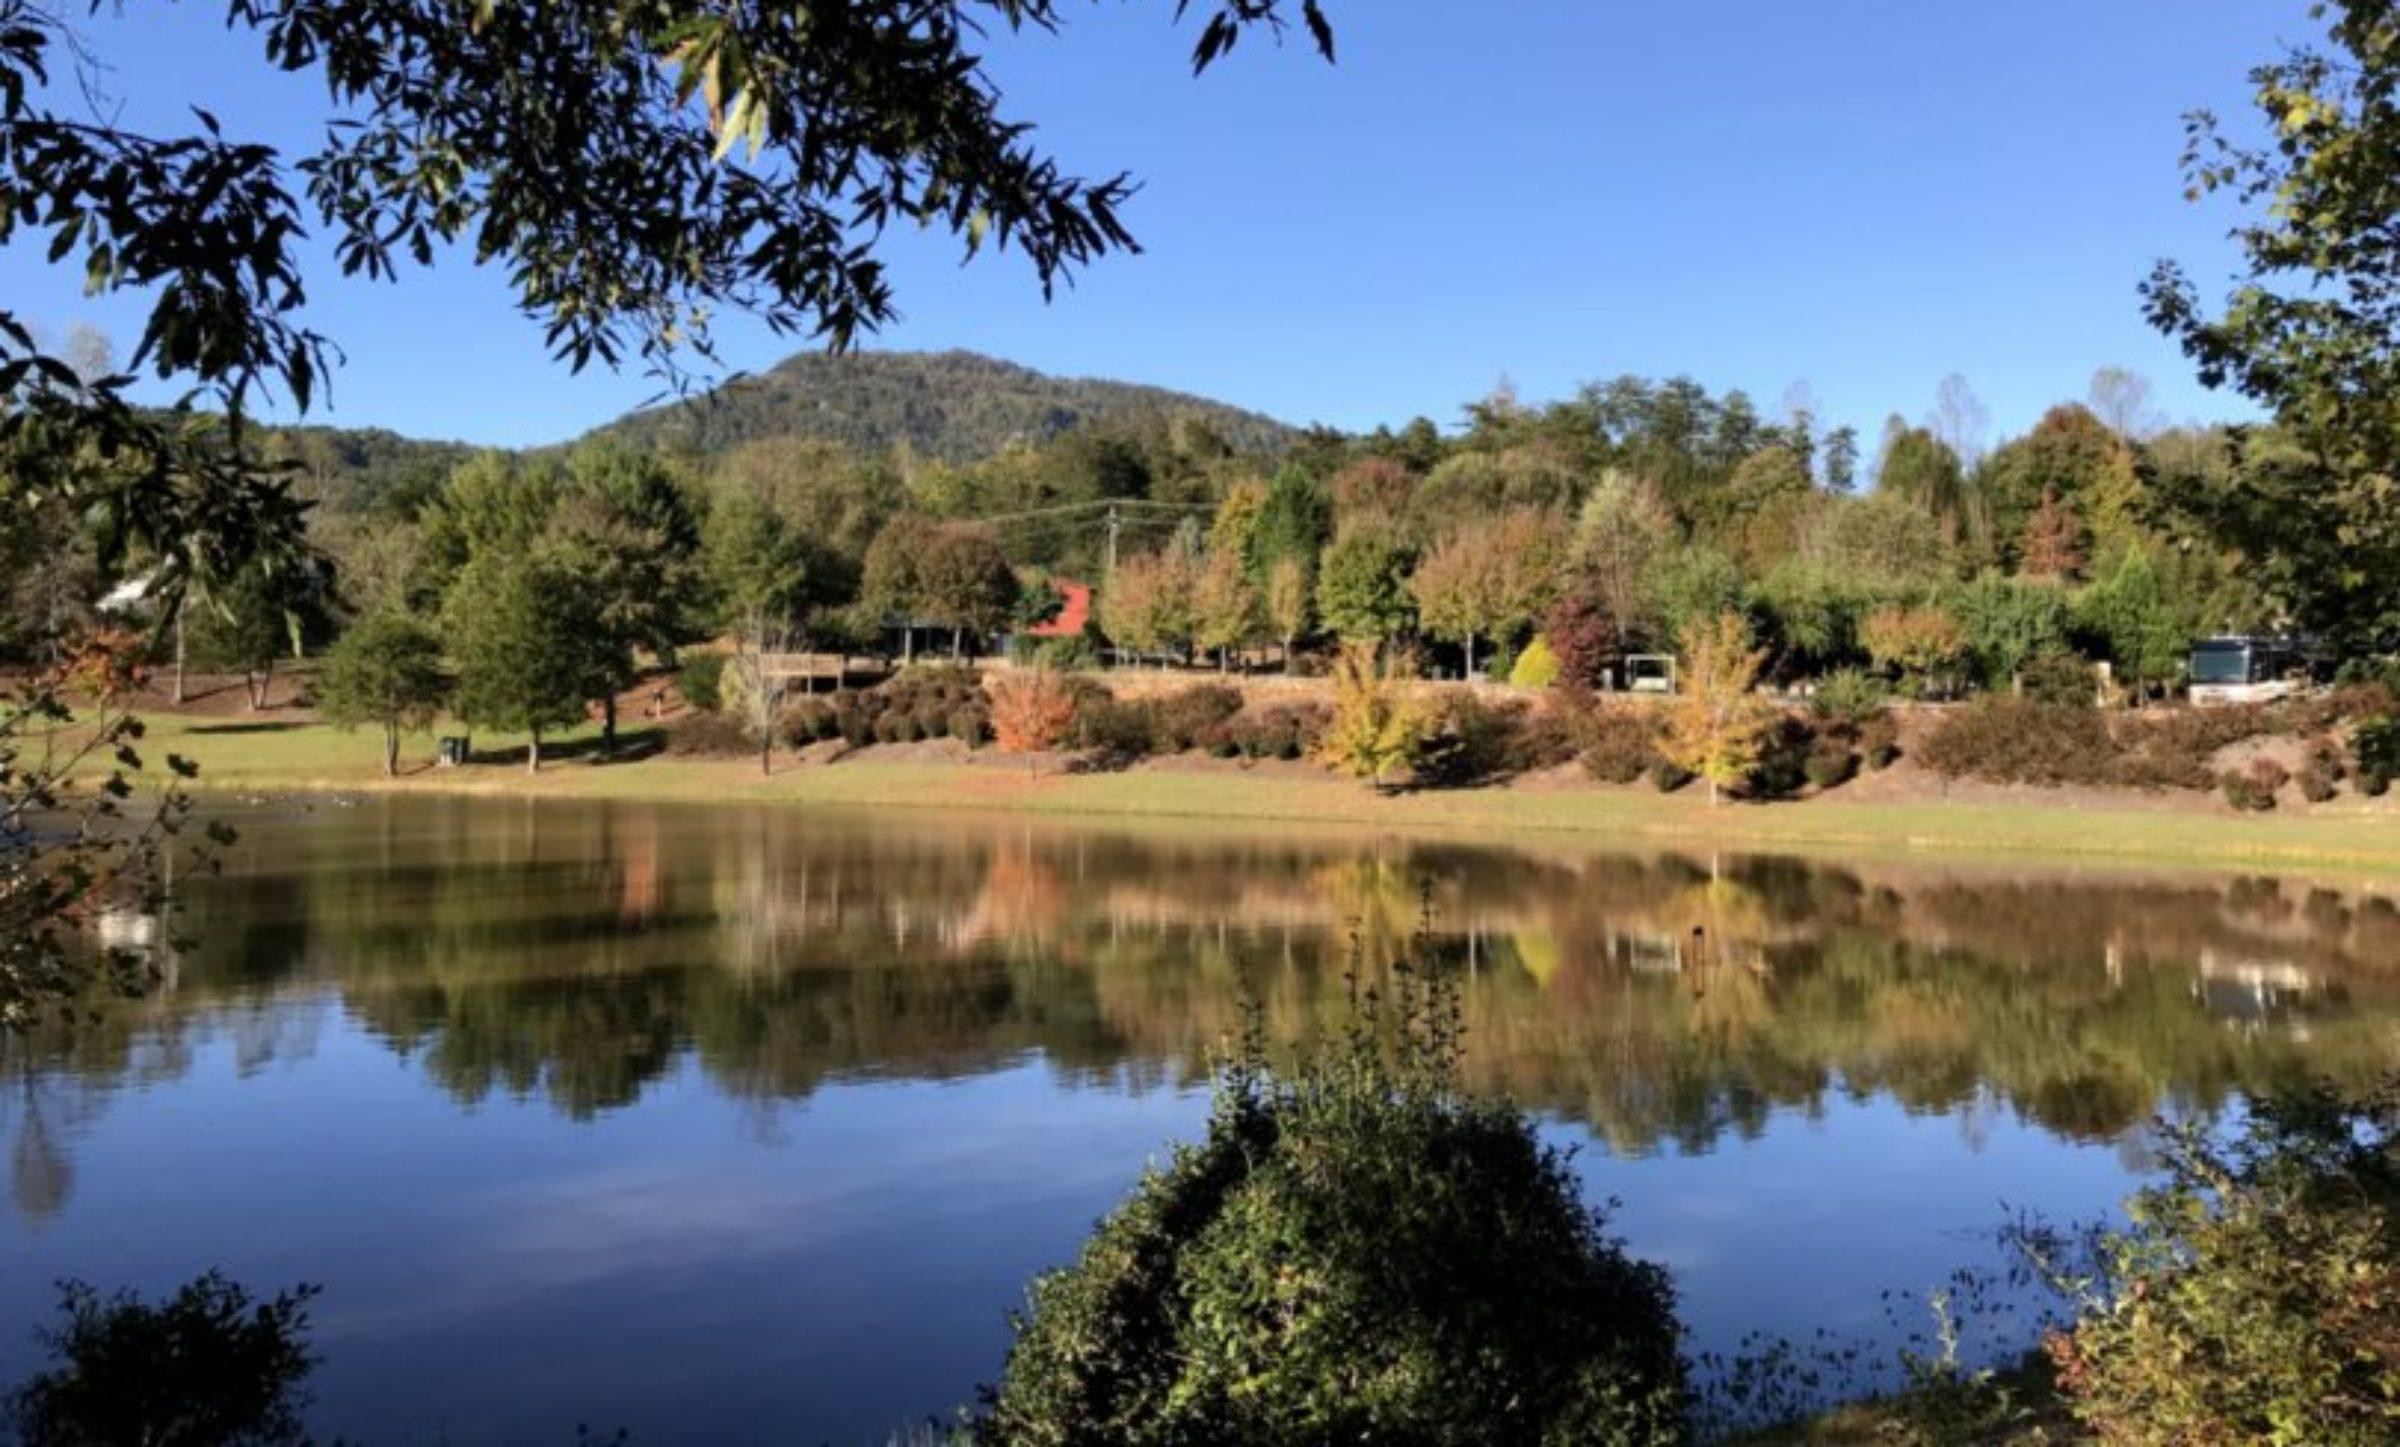 Apple Valley Farm Motorcoach Resort